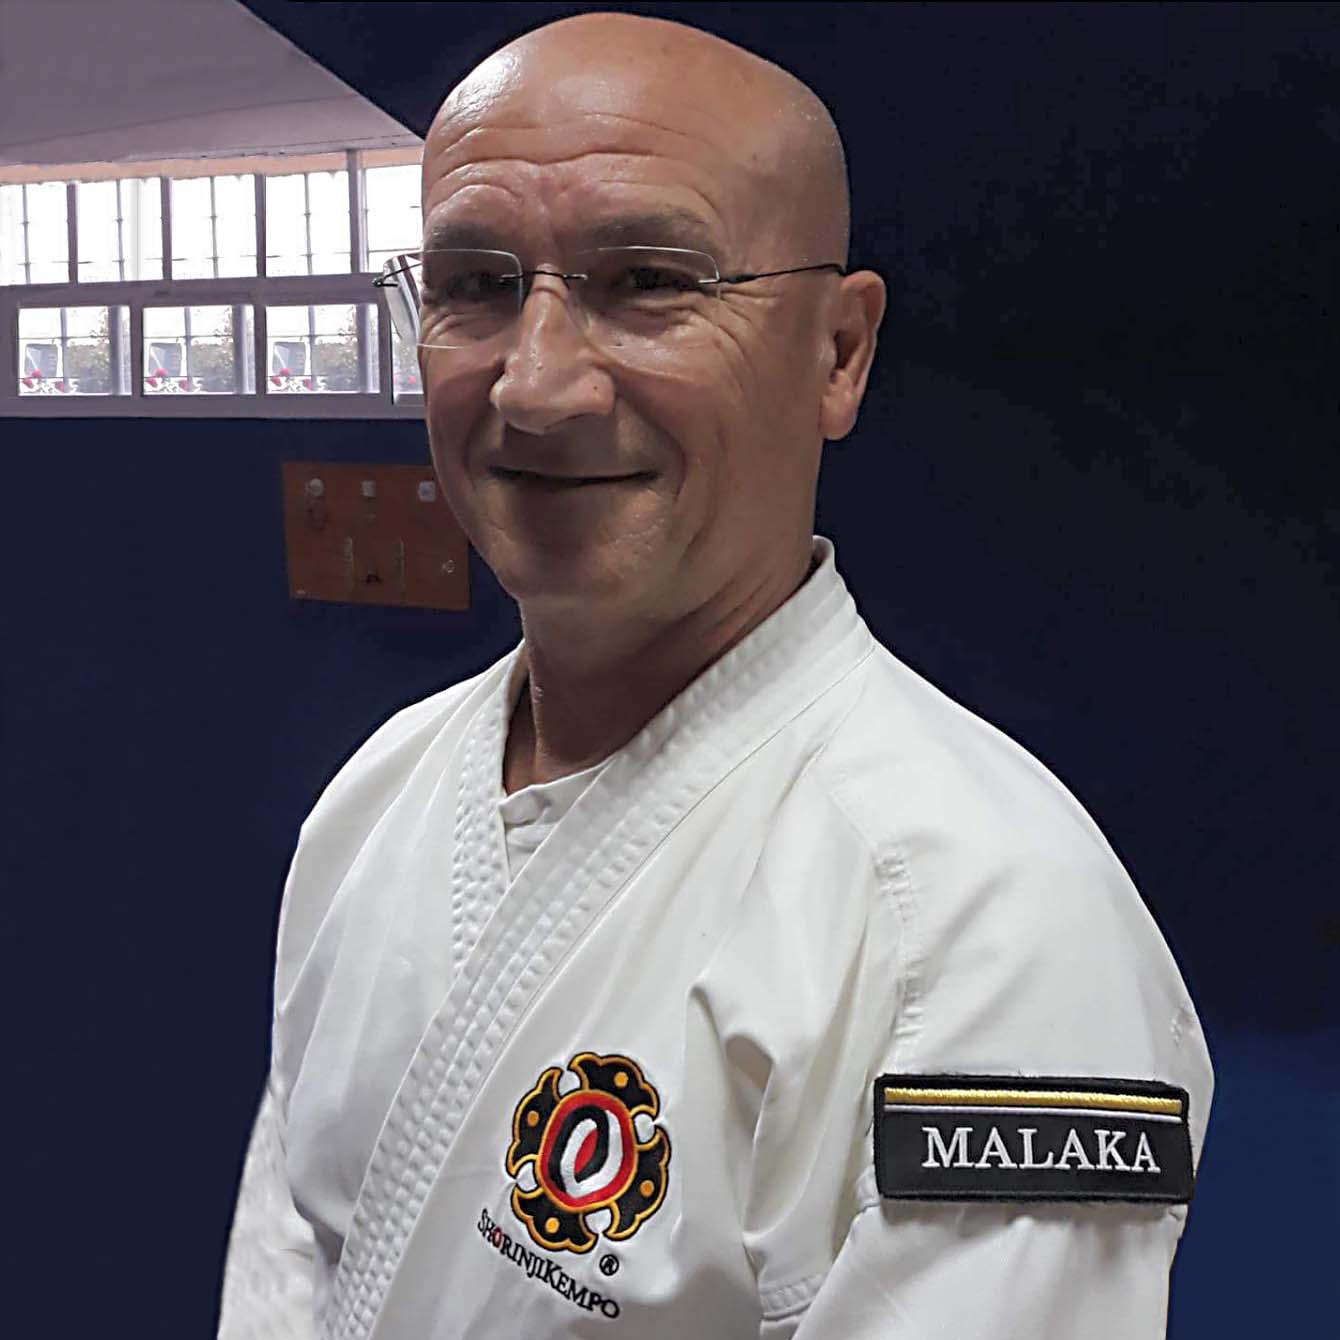 Juan Manuel García Padilla